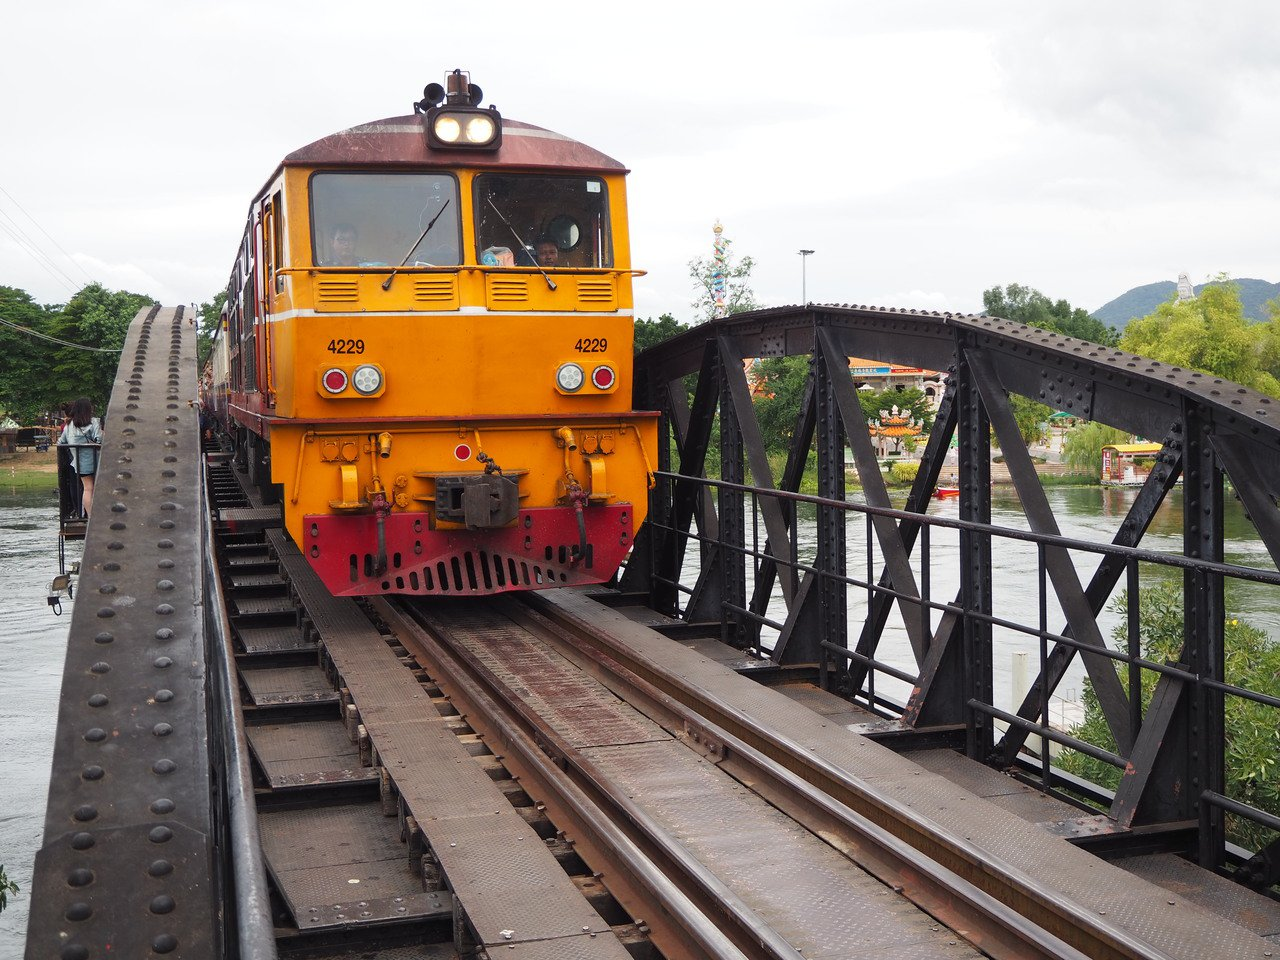 桂河大橋上的鐵路牛步行駛,所有旅客緊靠橋邊凸起處,快門聲不斷。記者羅建怡/攝影